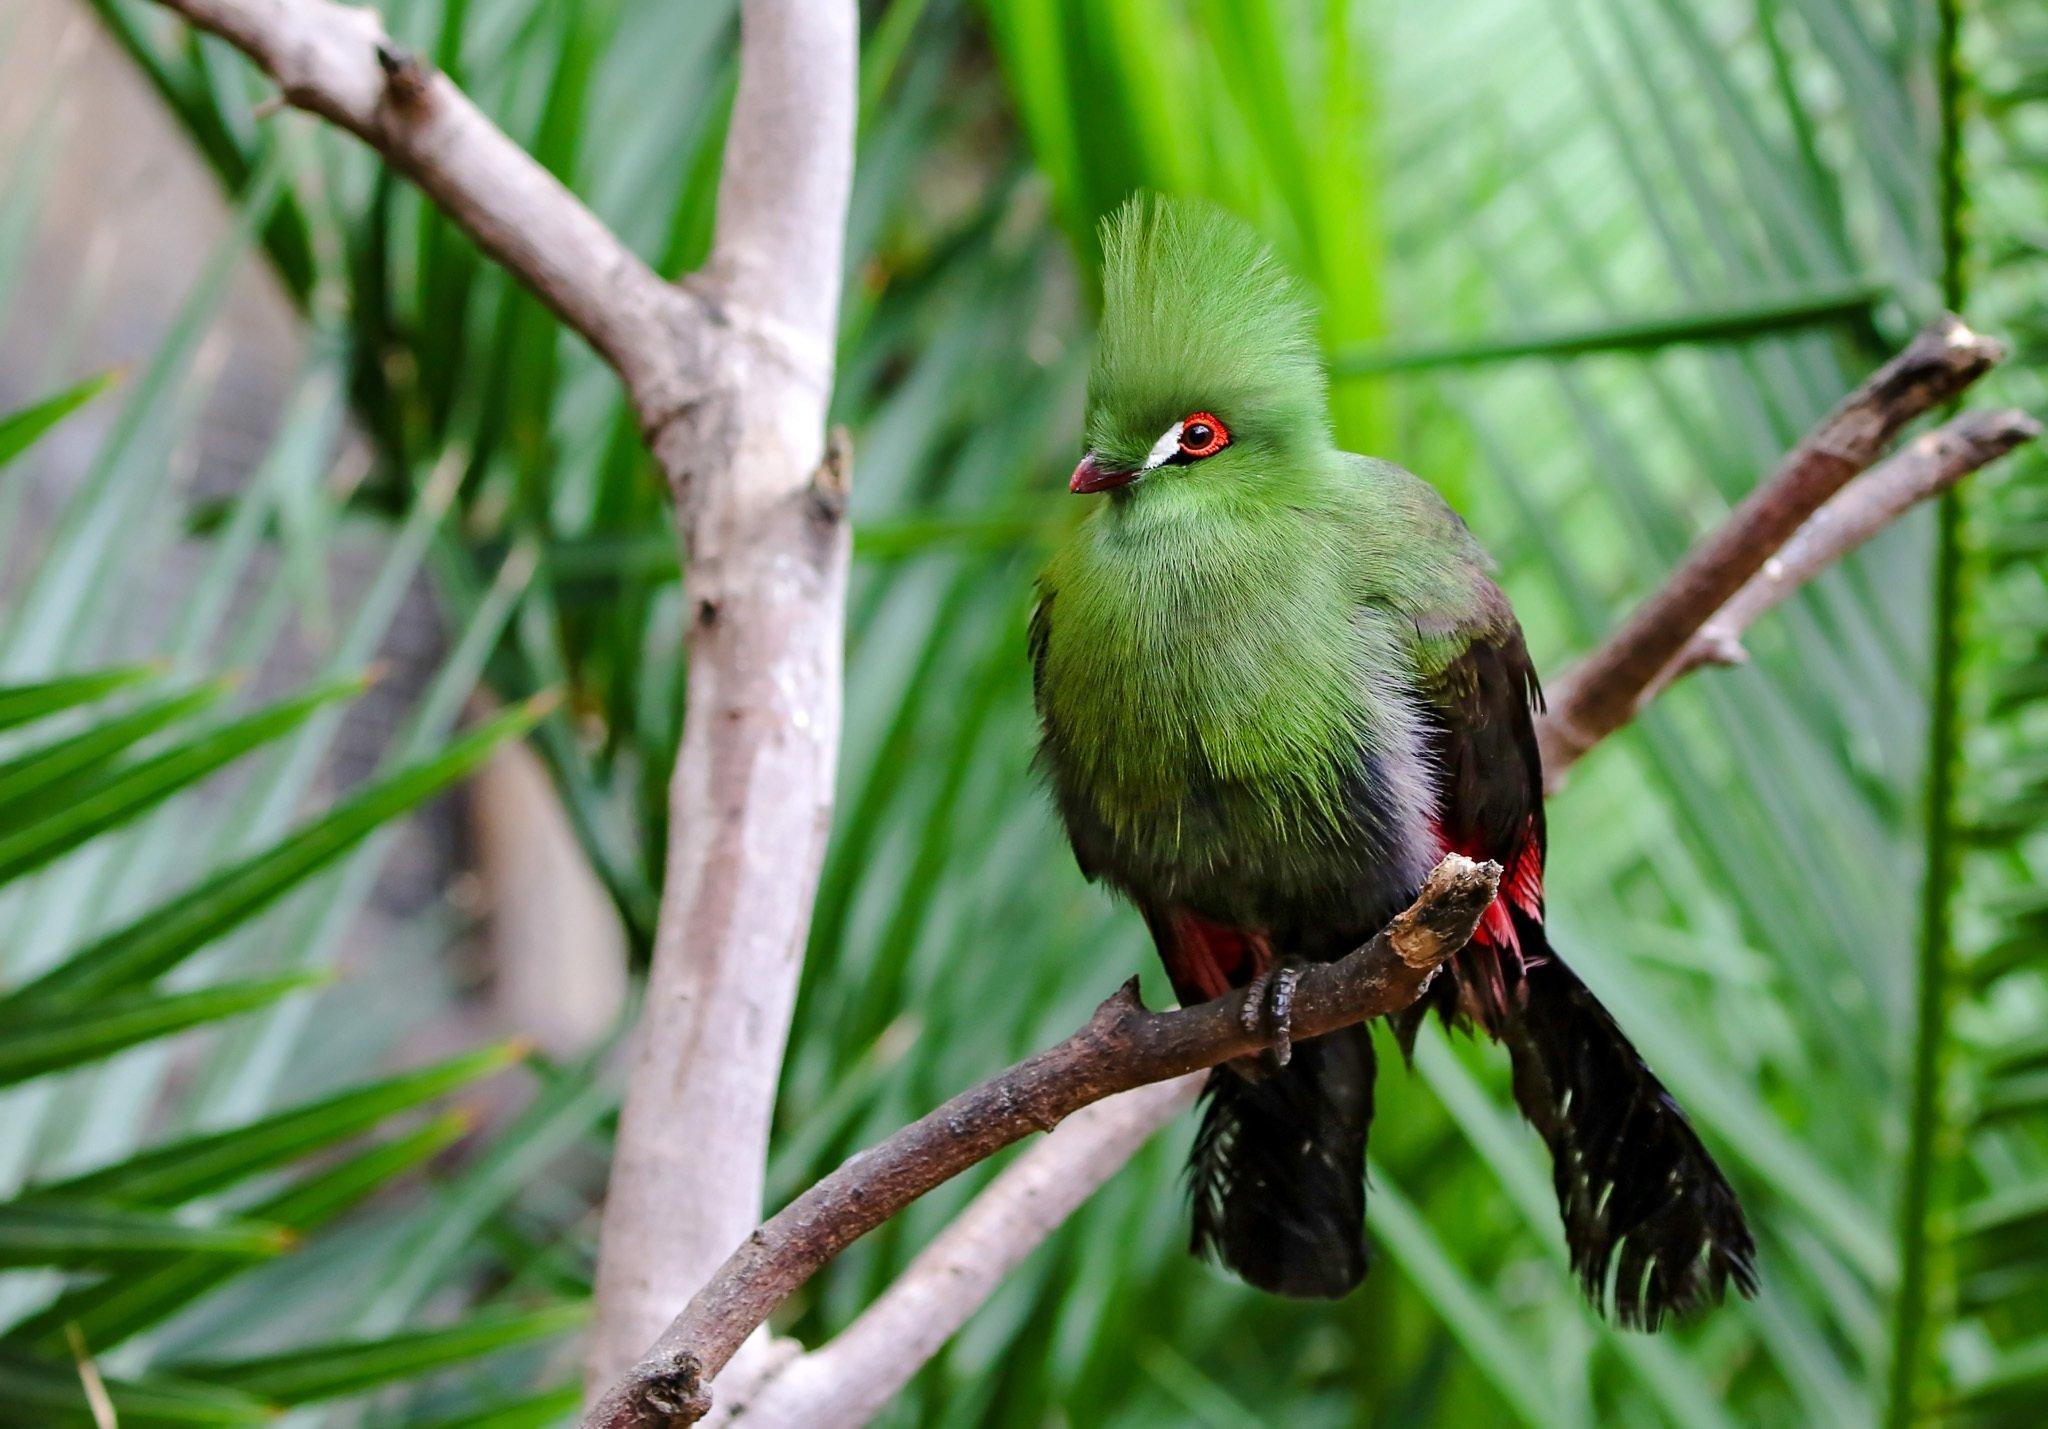 Ein Vogel mit grüner Brust und hoher grüner Haube, einem leuchtend roten Rand um die Augen und einem weißen Tränenfleck, mit schwarzen Flügeln und Schwanzfedern, sitzt auf einem Ast.